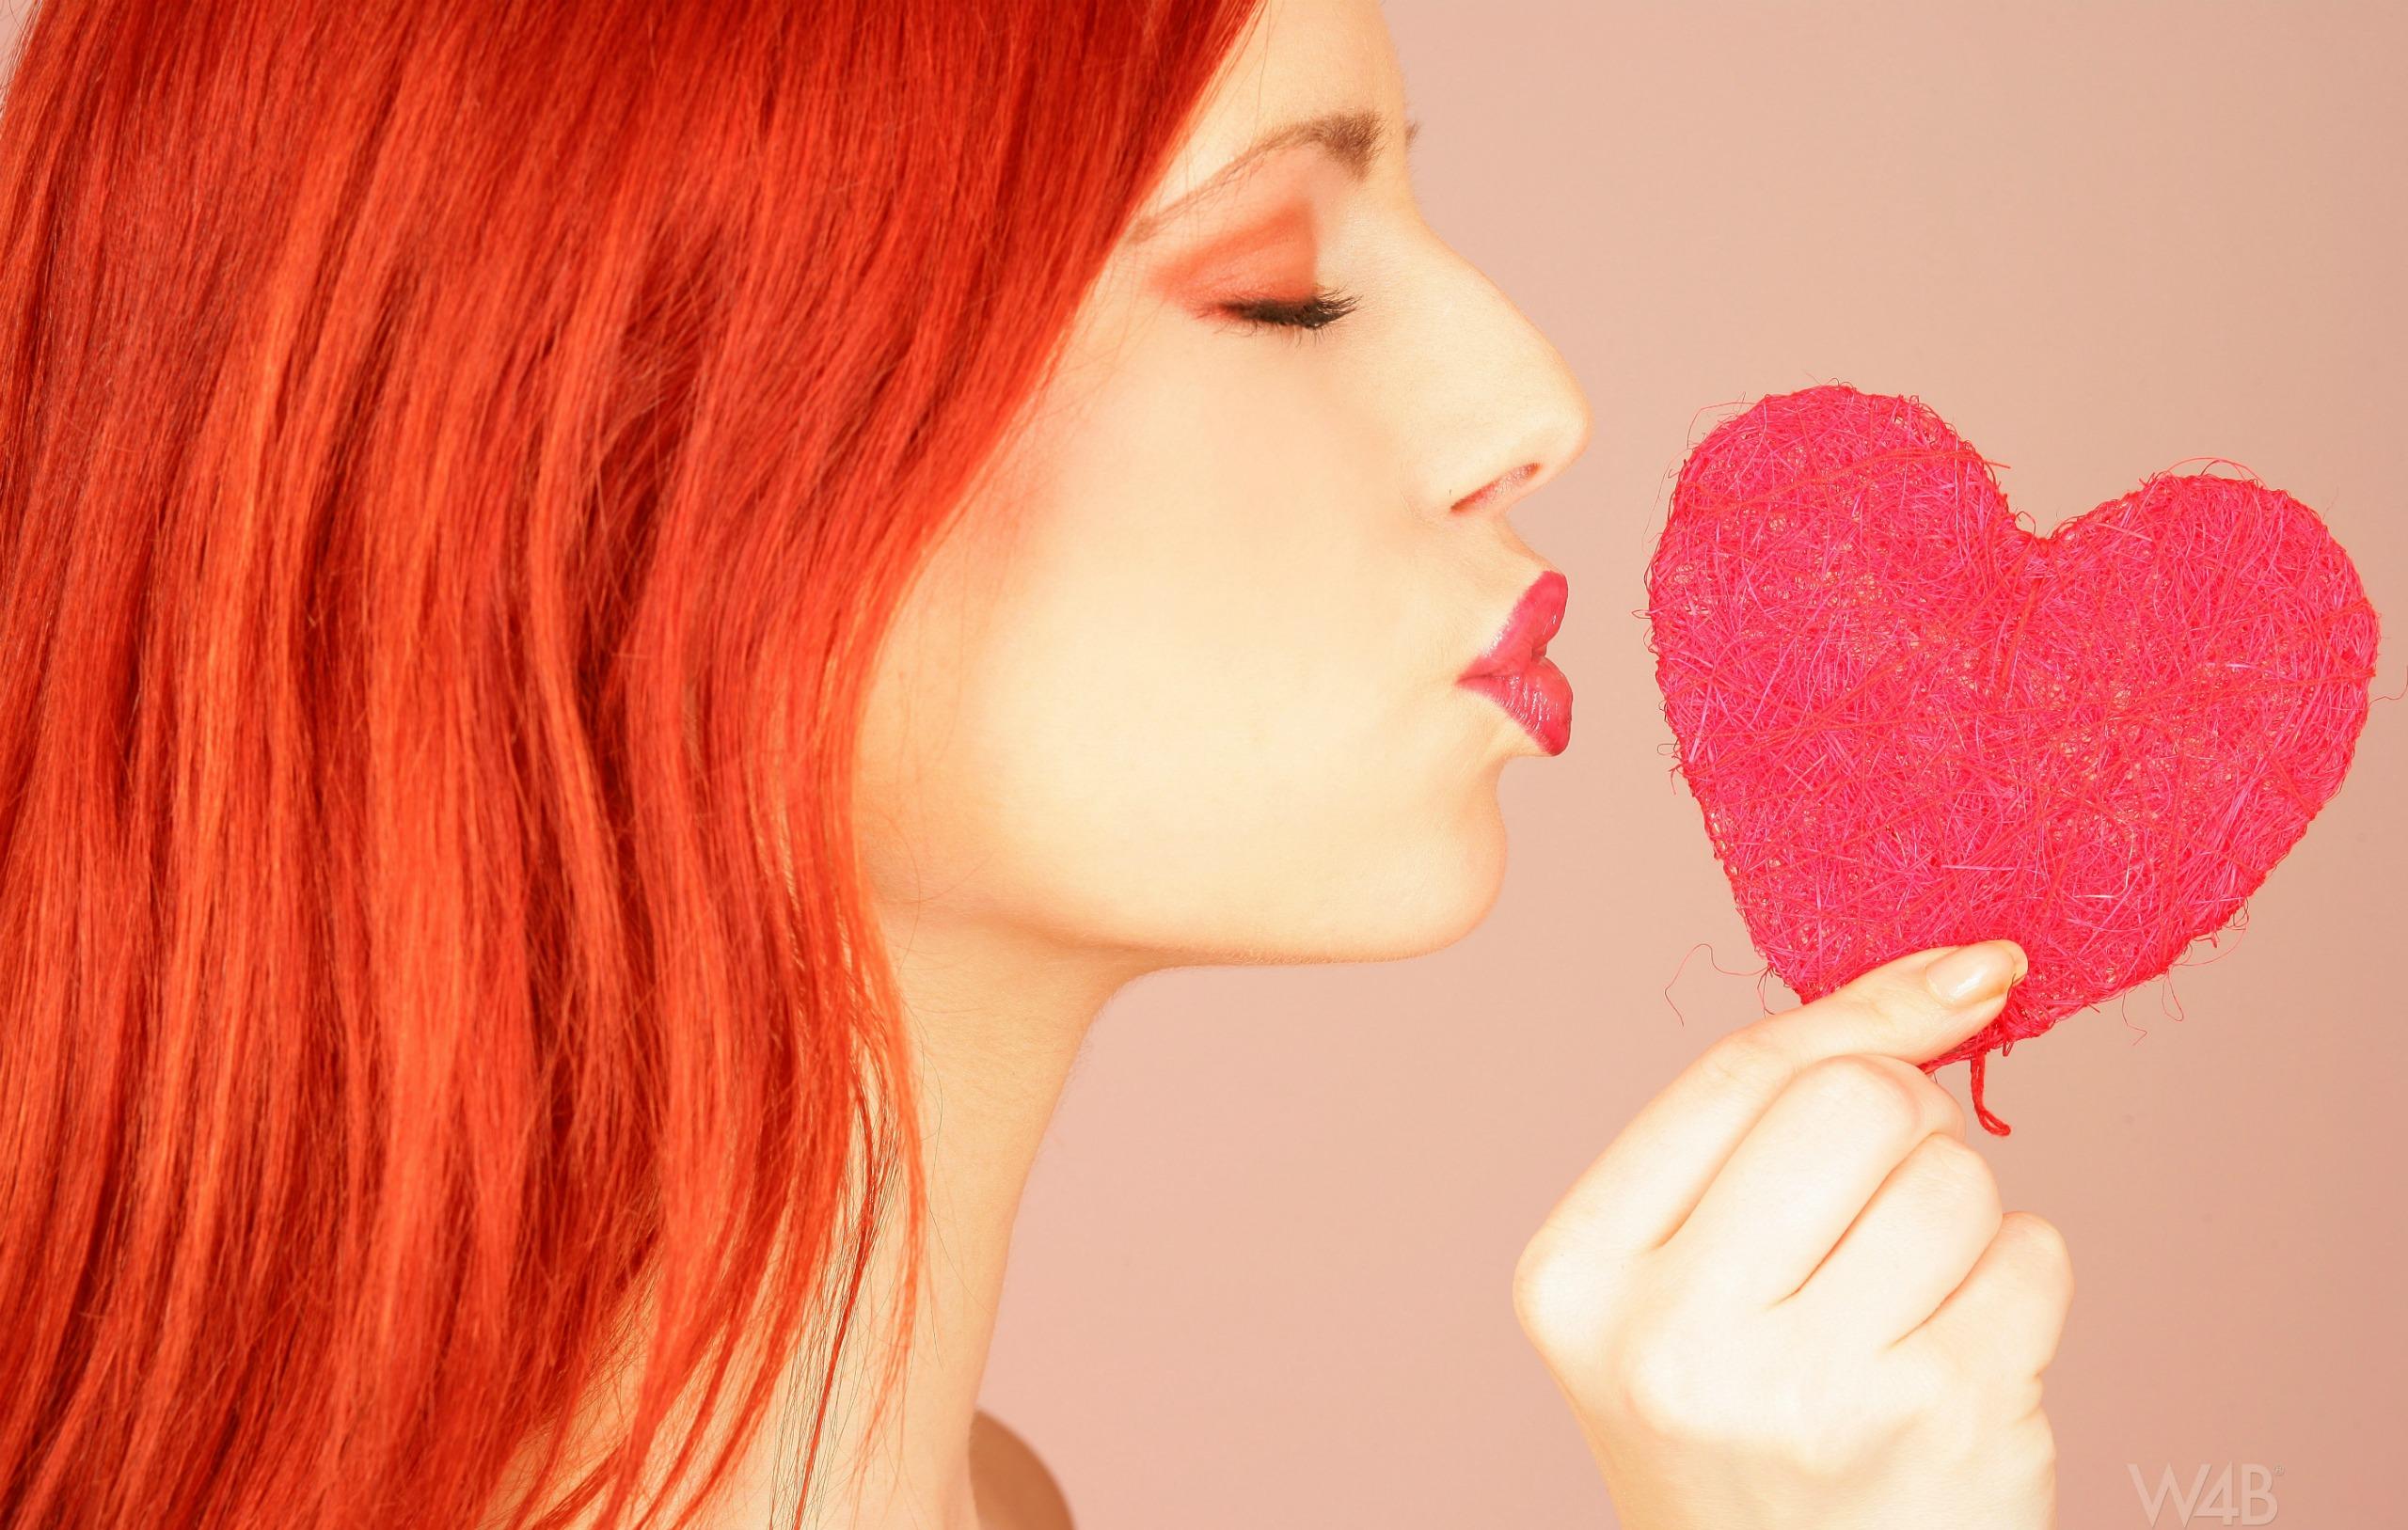 Целующиеся девушки рыжие картинки 11 фотография